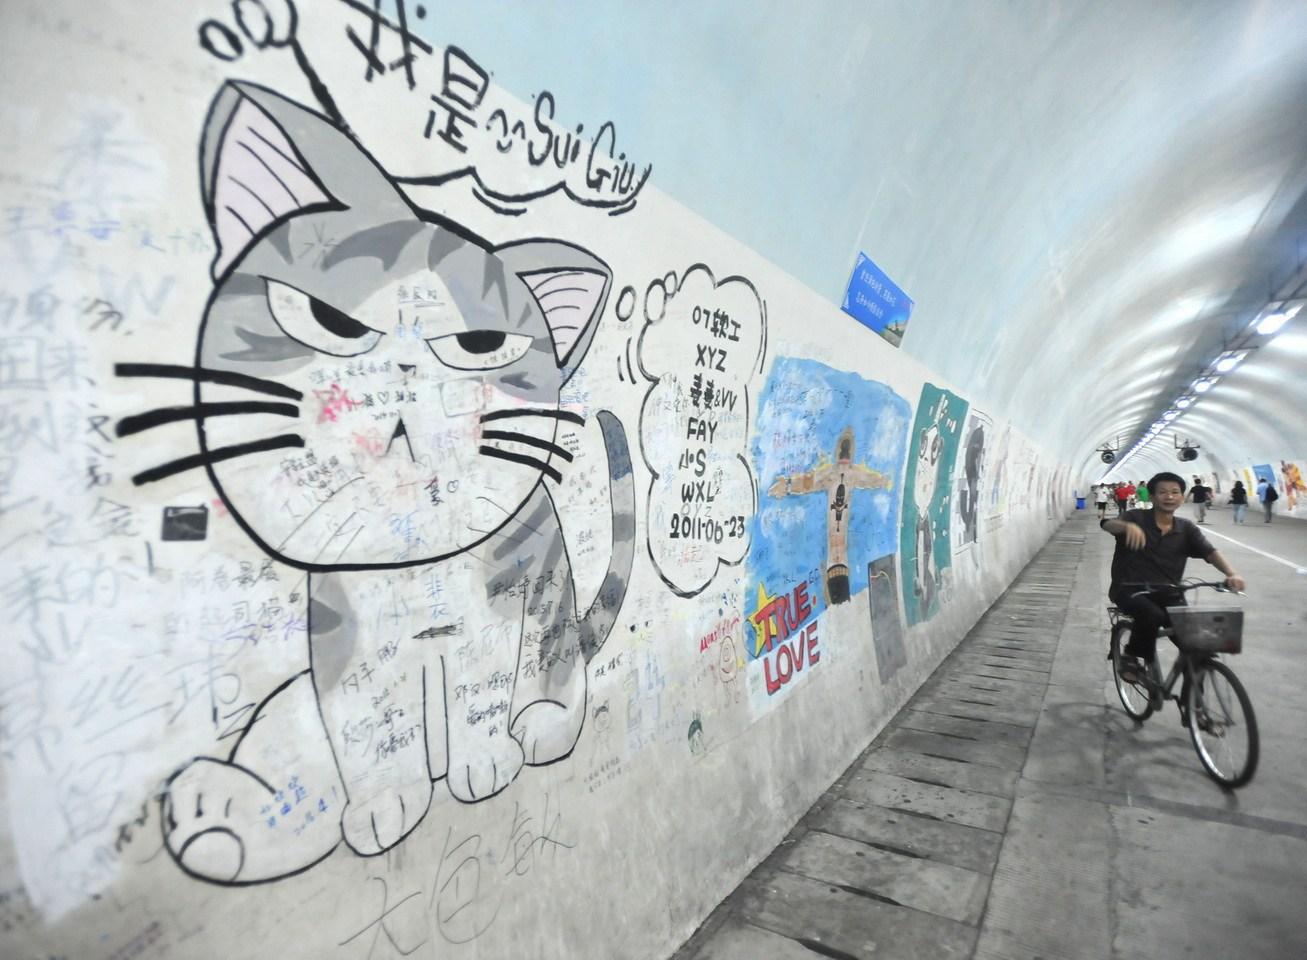 厦大芙蓉隧道壁画遭游客涂鸦 修复赶不上破坏速度